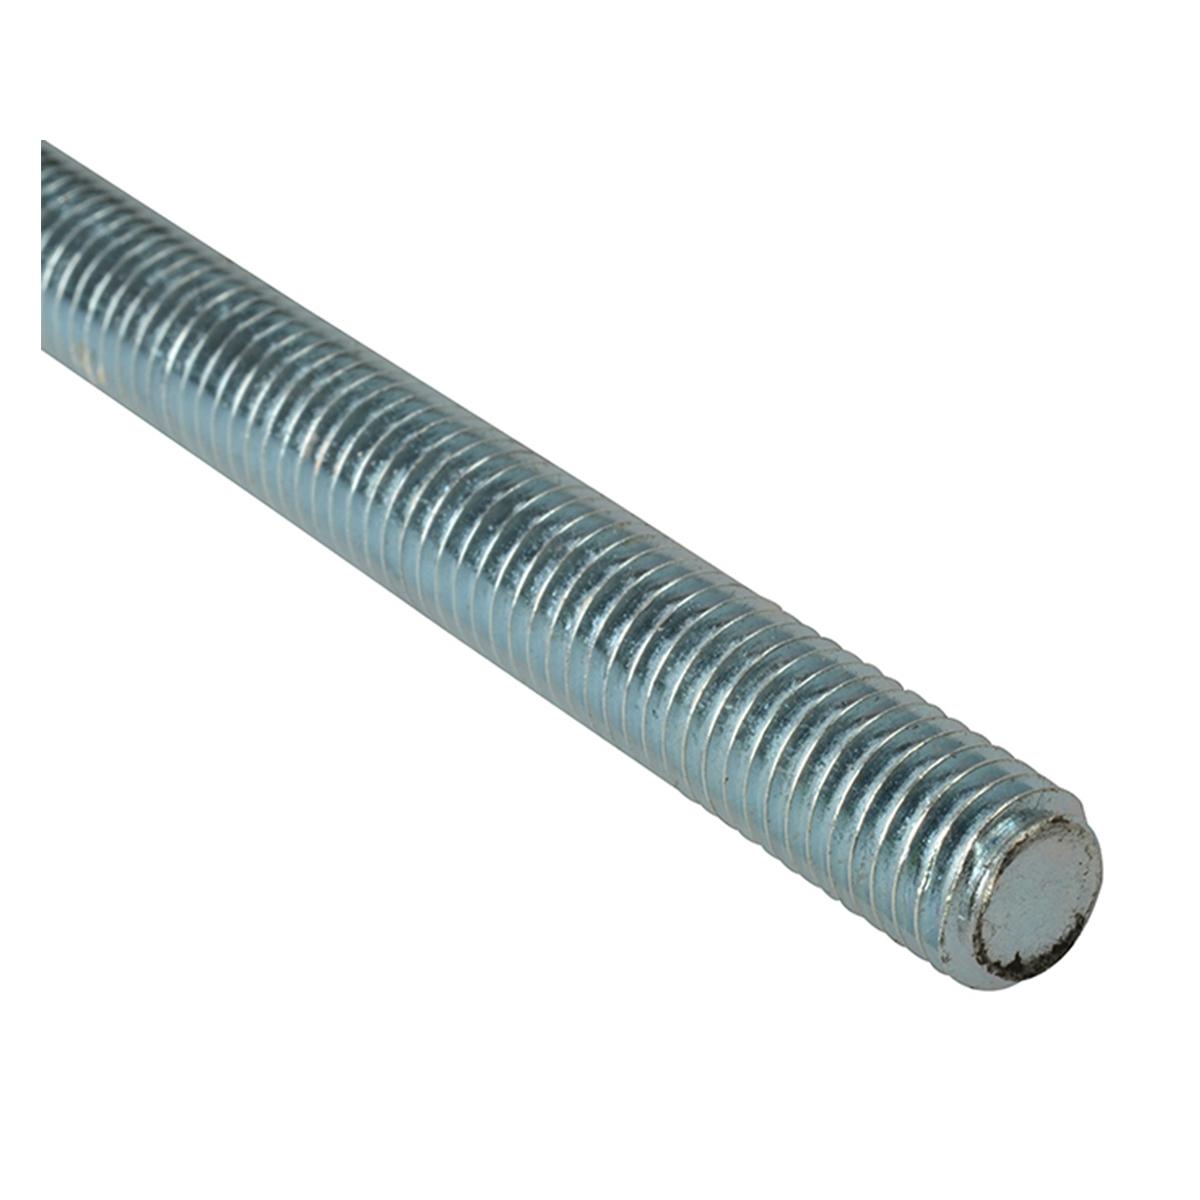 8.8 Zinc Plated Allthread 1 Metre